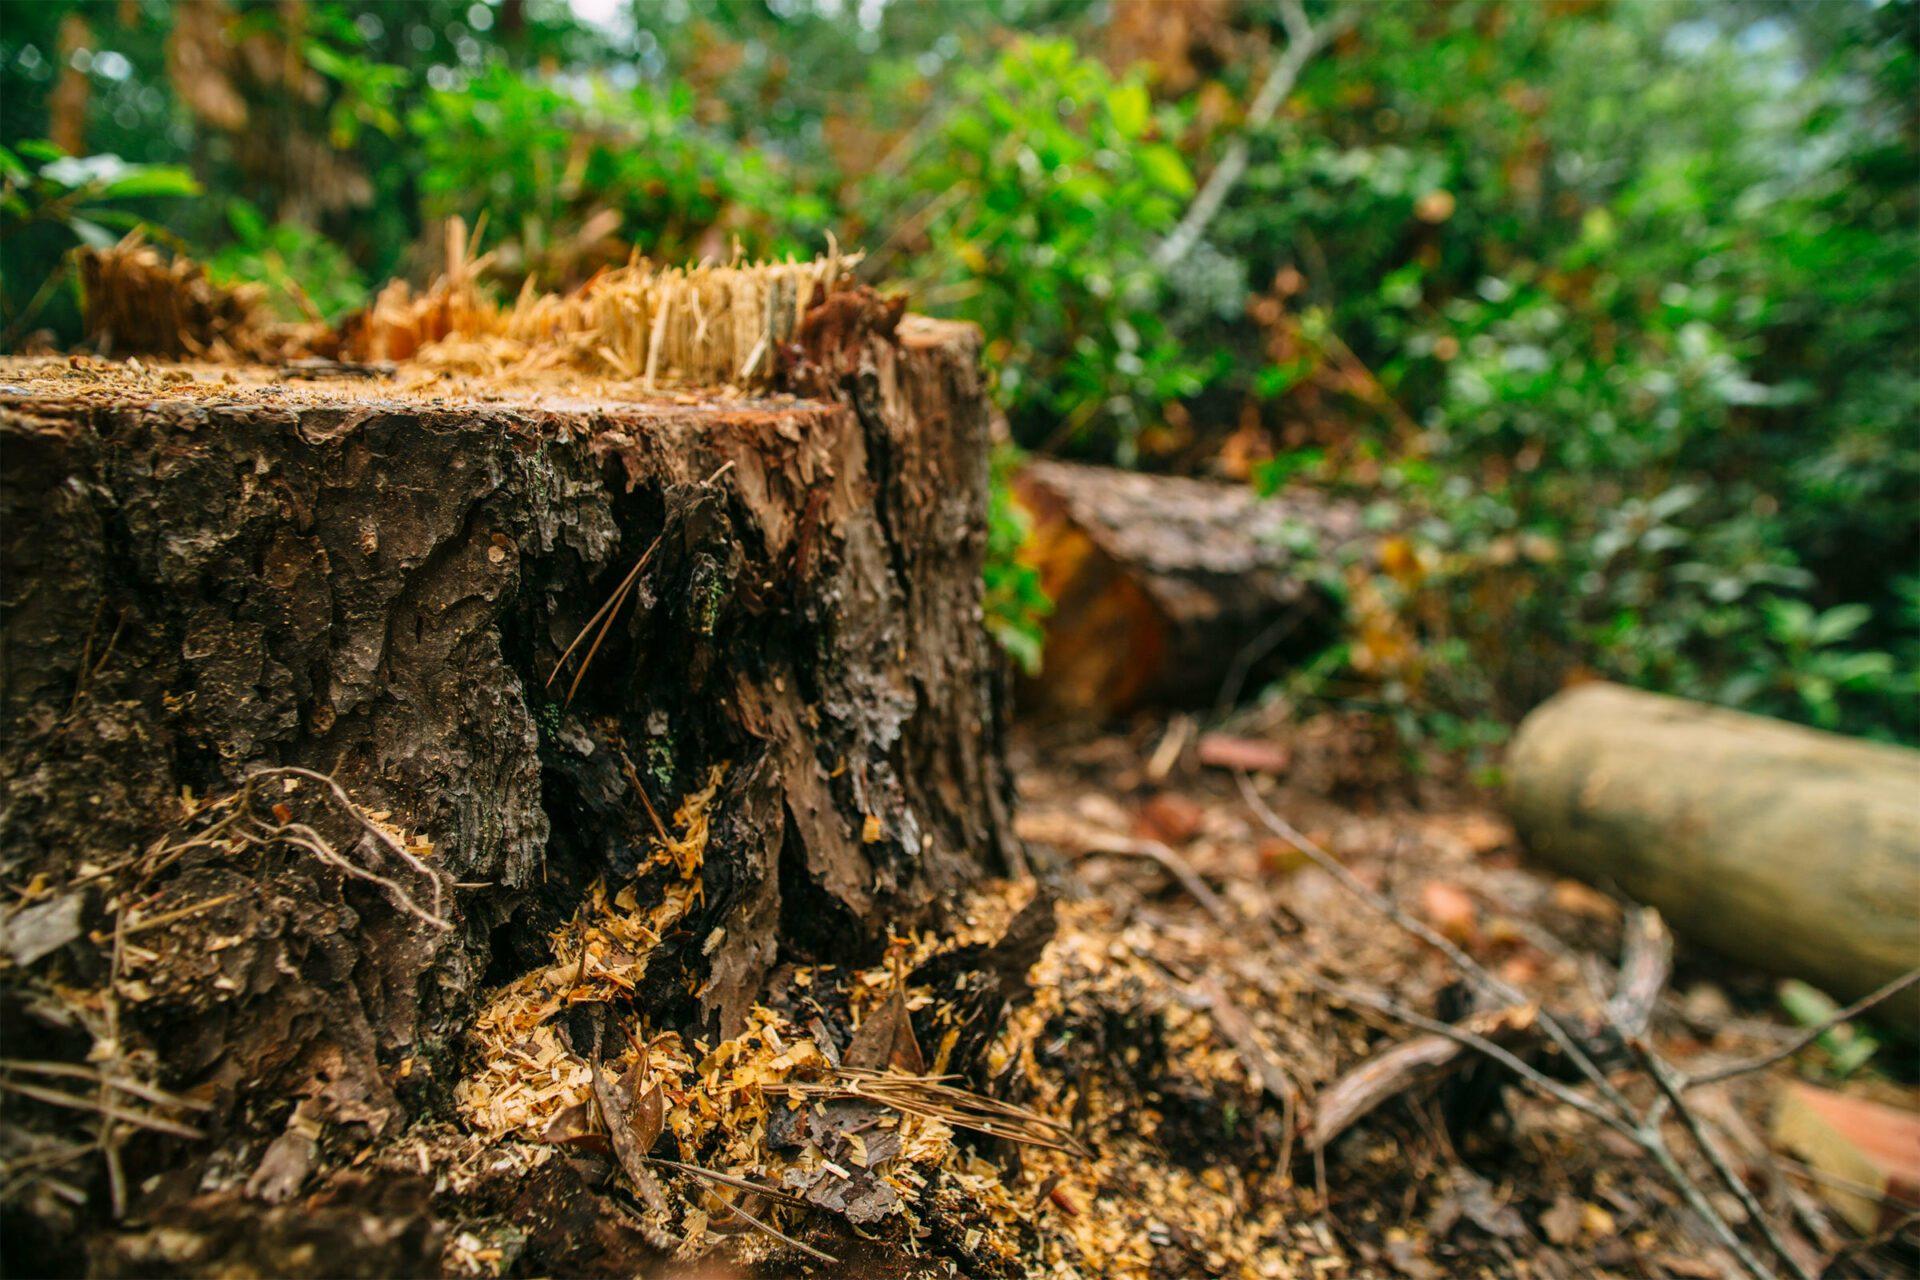 R.I.P. Wobbly Pine